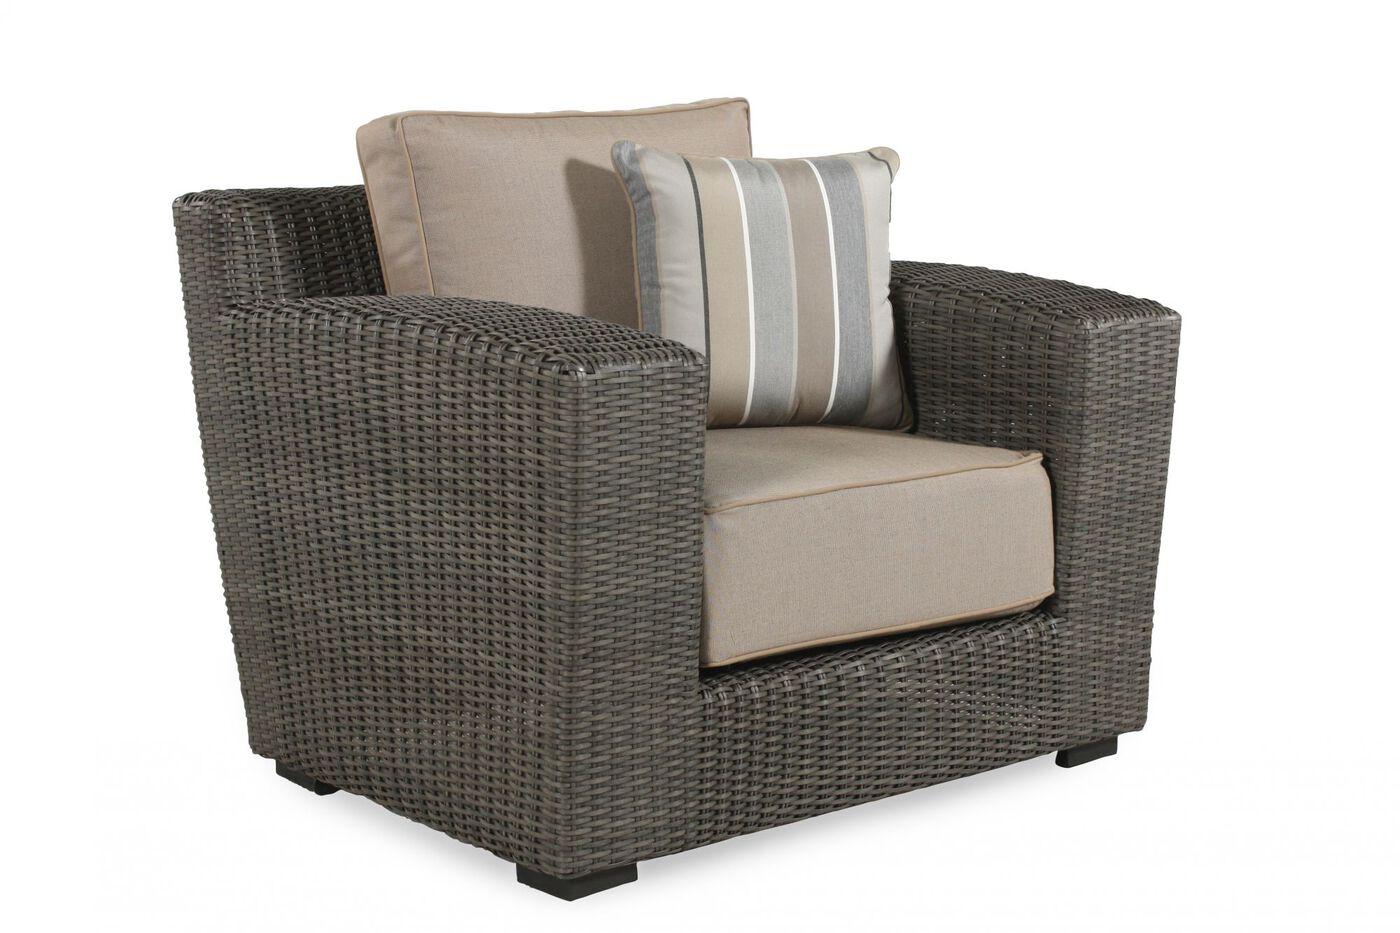 Agio San Rafael Lounge Chair : Mathis Brothers Furniture